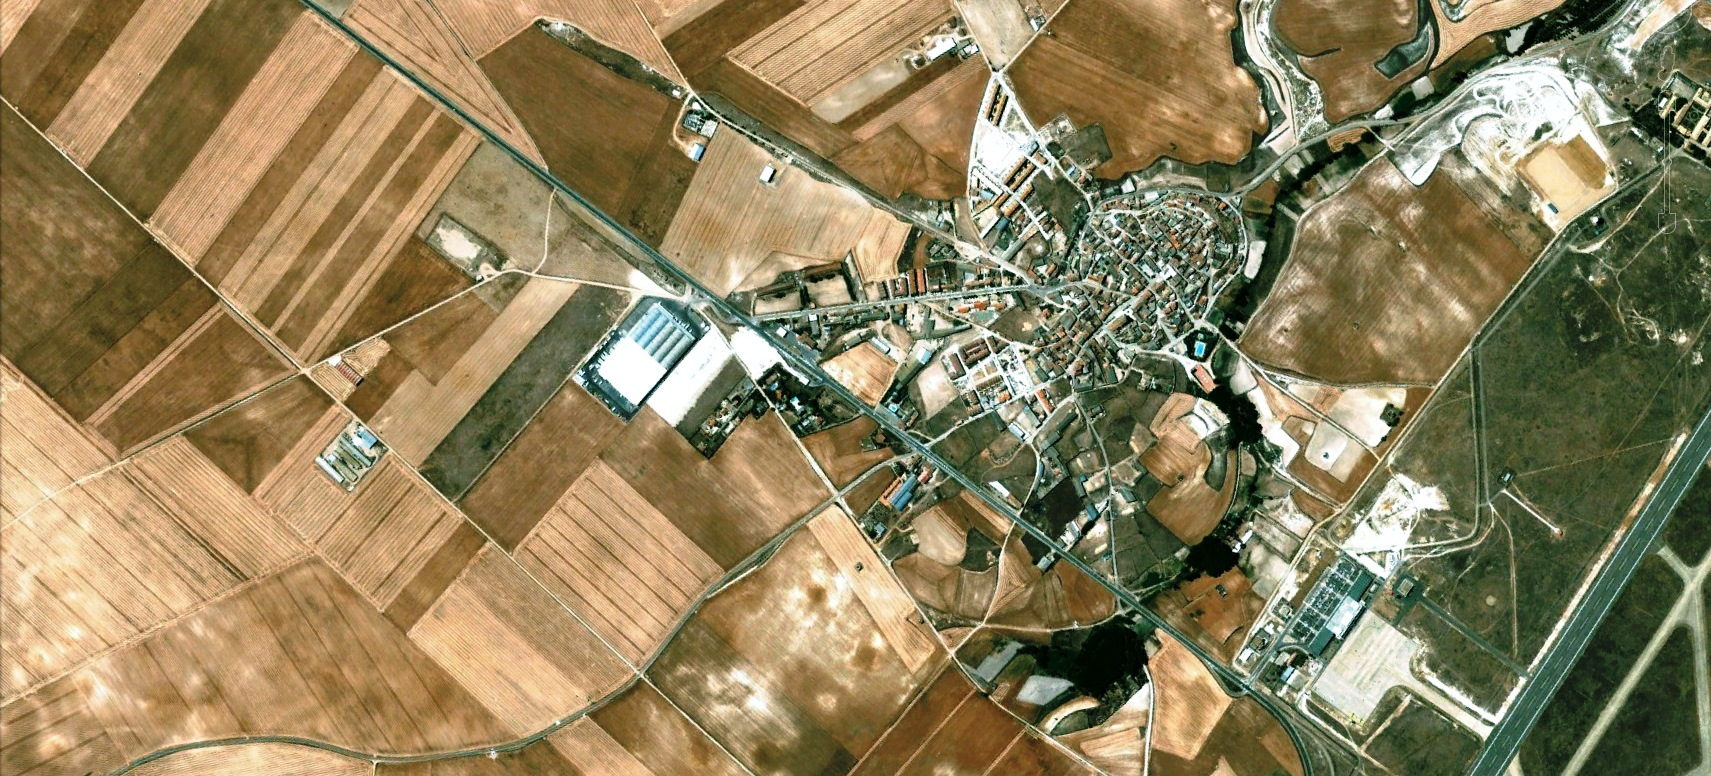 antes, urbanismo, foto aérea, desastre, urbanístico, planeamiento, urbano, construcción,Villanubla, Valladolid,aeropuerto